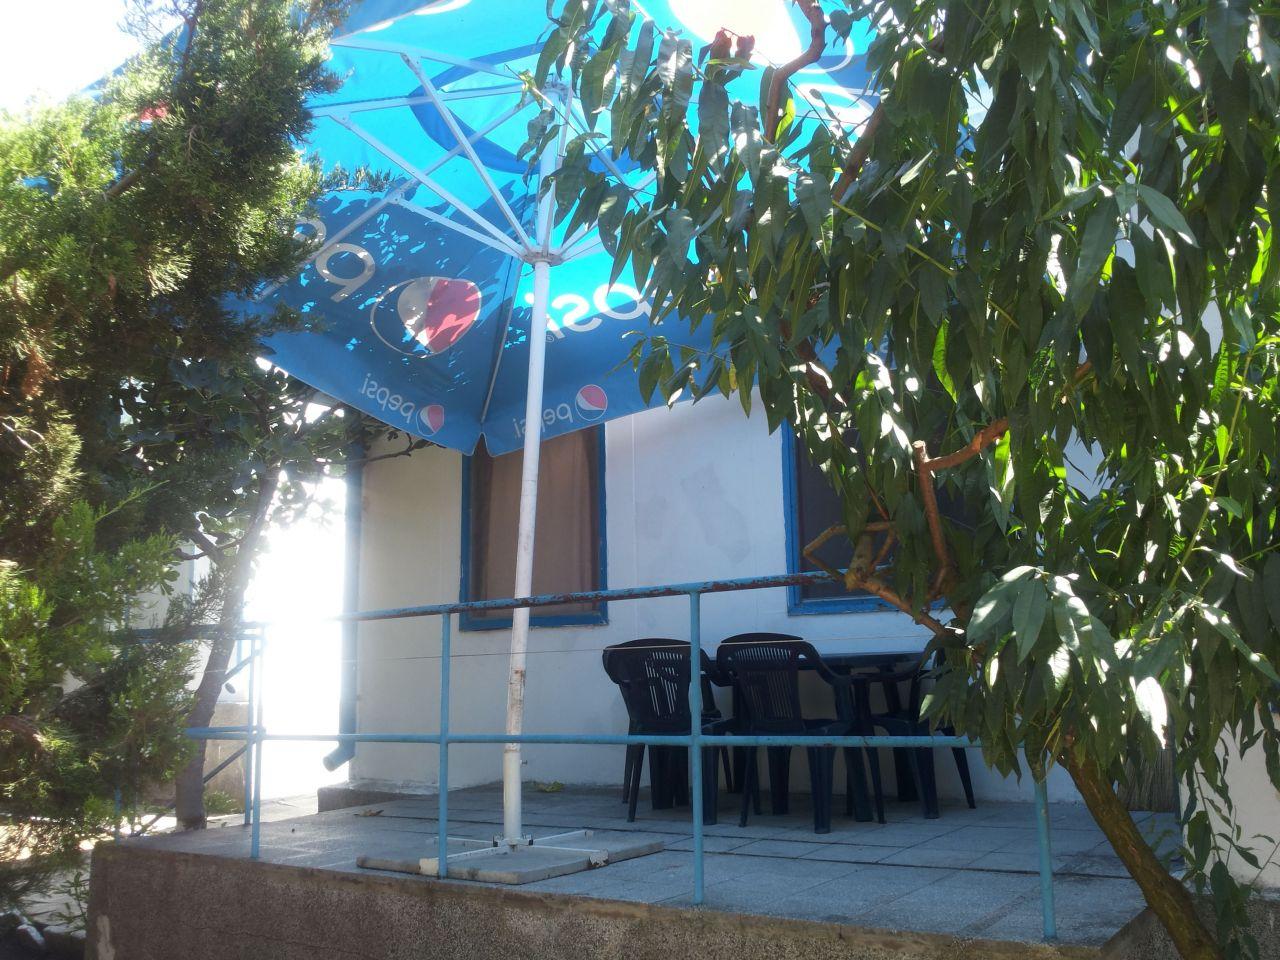 cb84dc82698 Бунгала в Черноморец на цени от 10 лв - Почивка.бг